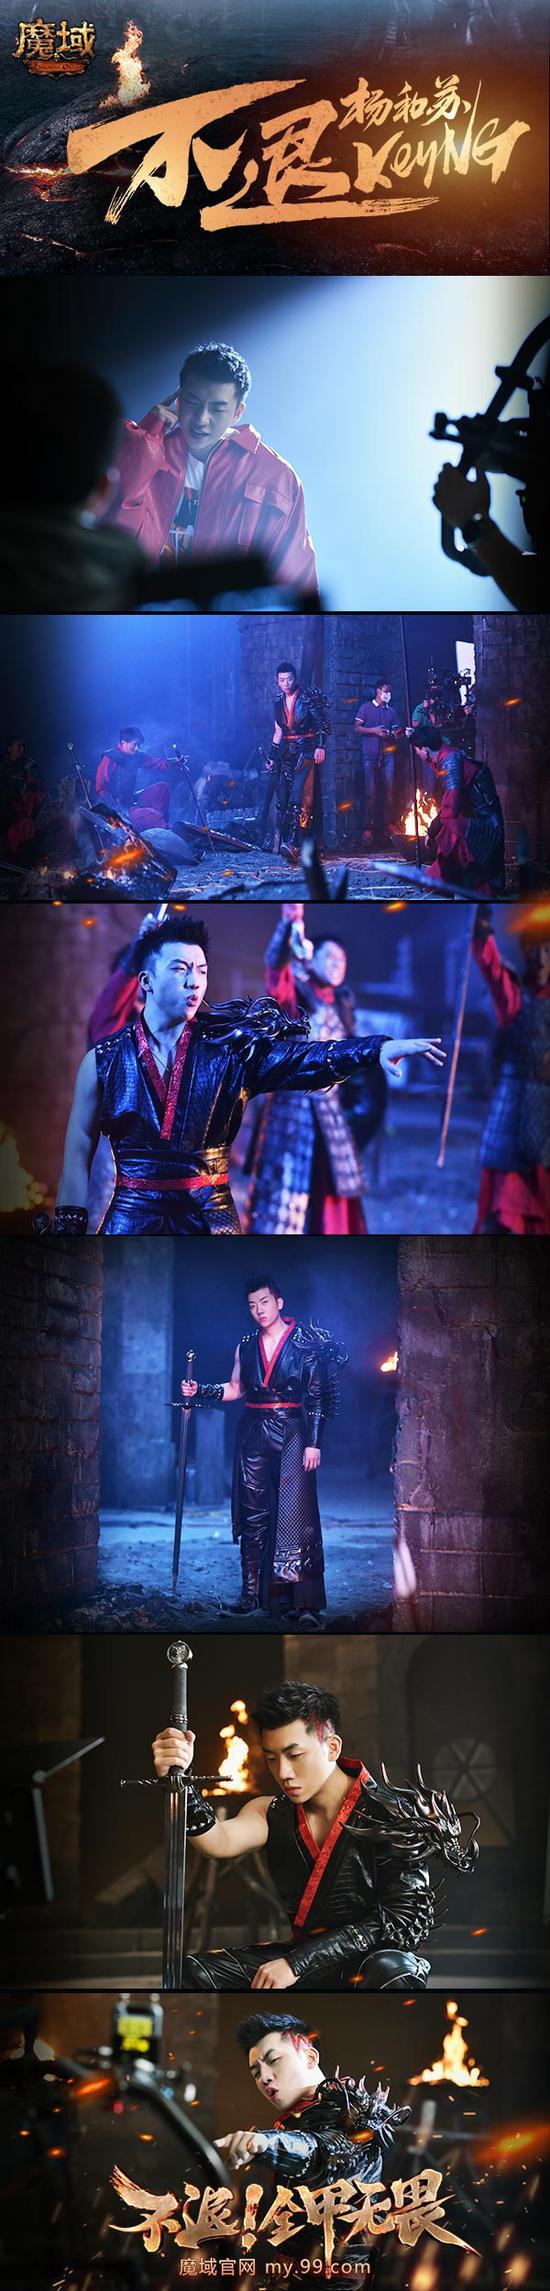 新说唱冠军杨和苏全新大作录制现场曝光!完美献唱《魔域》新资料片战歌